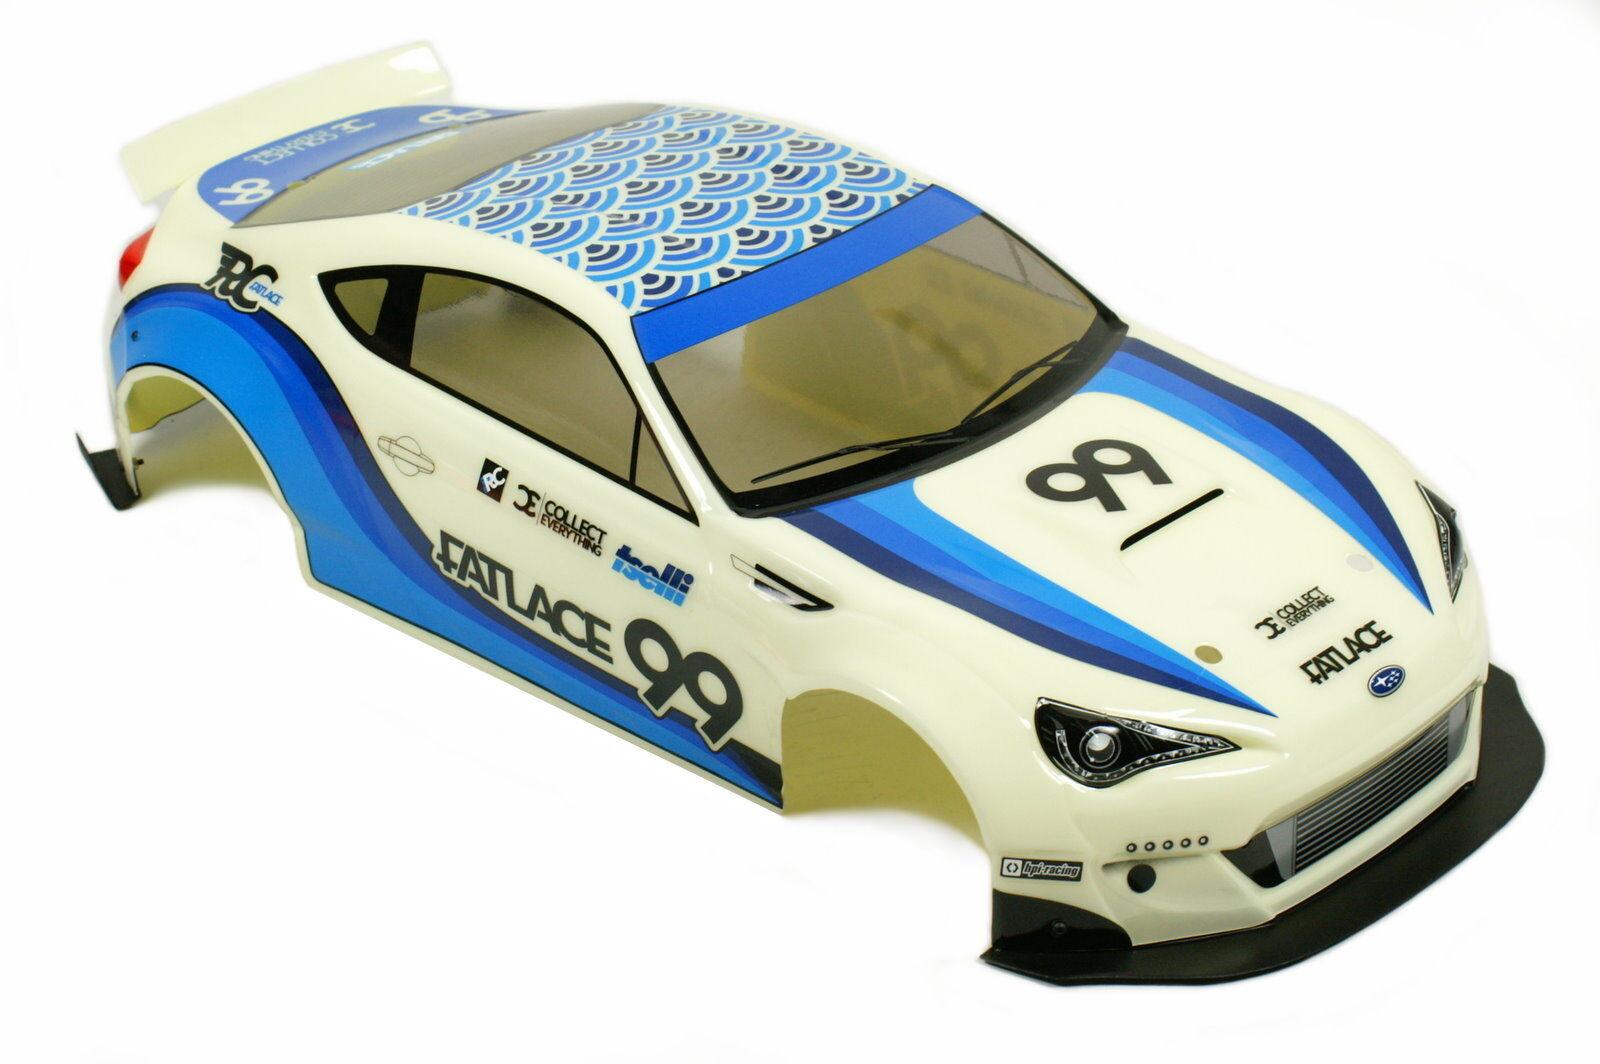 HPI RACING rs4 SPORT 3 1 10 carrozzeria Subaru Gt Fatlace 200mm 114644 h114644